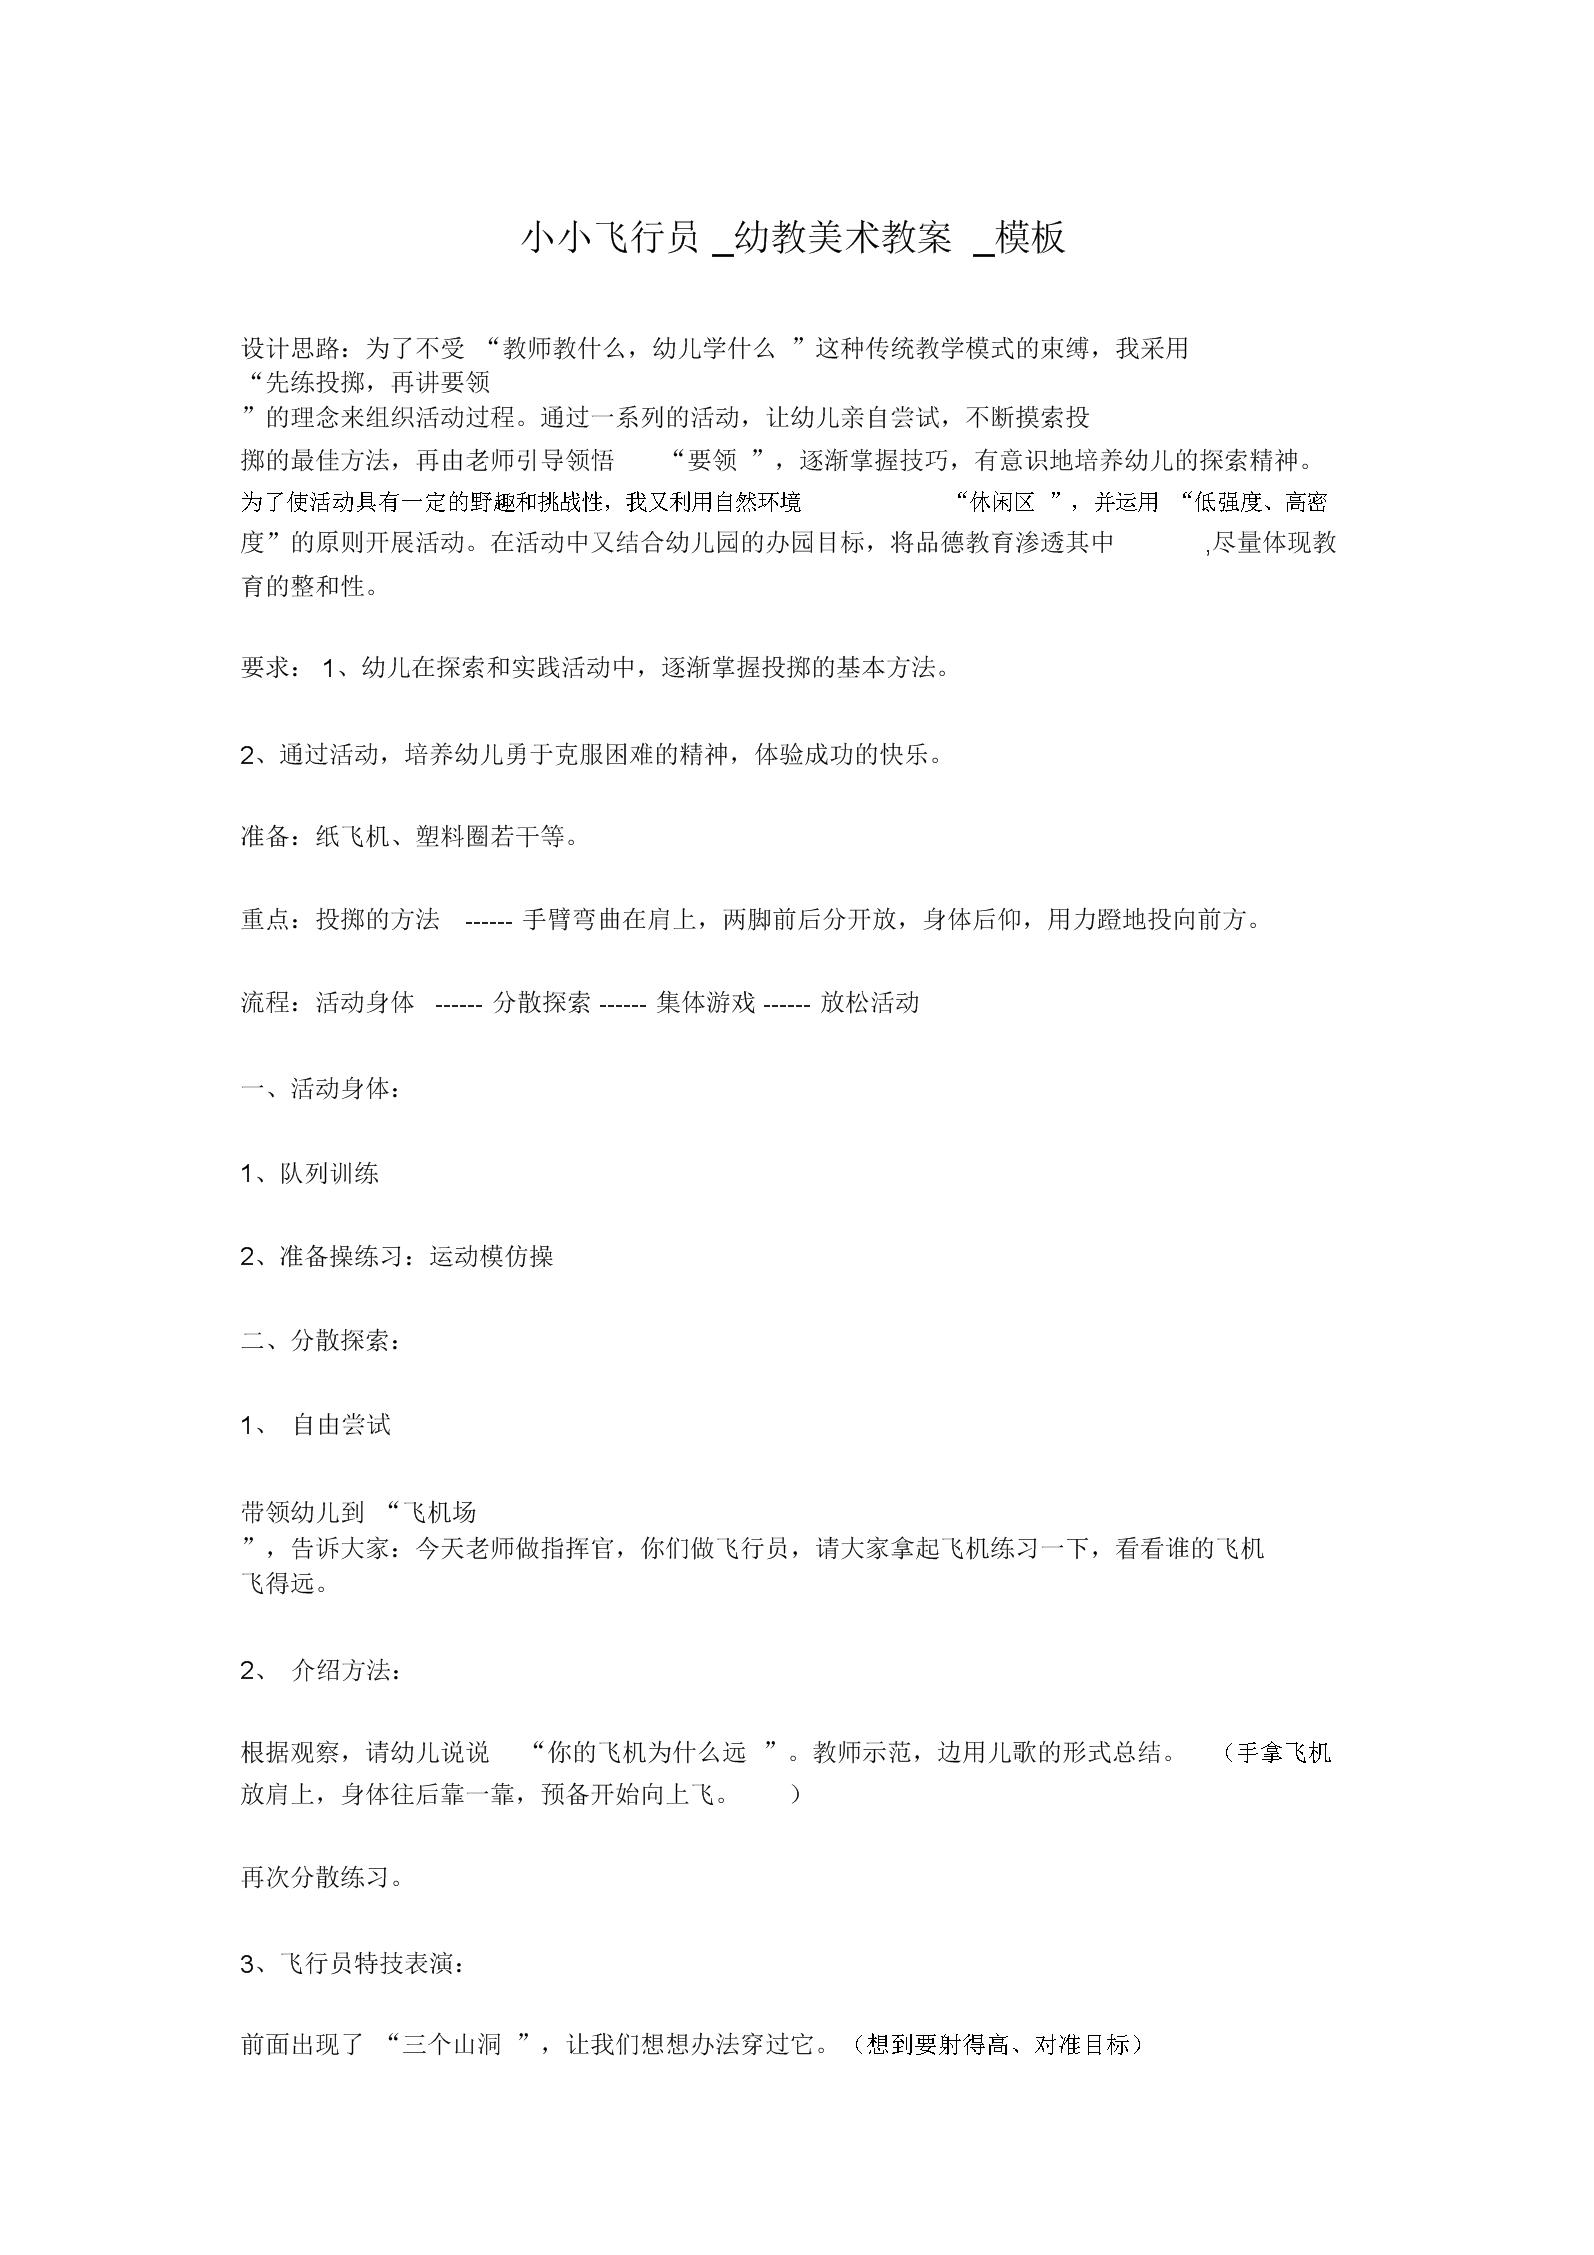 小小飞行员_幼教美术教案_模板.doc